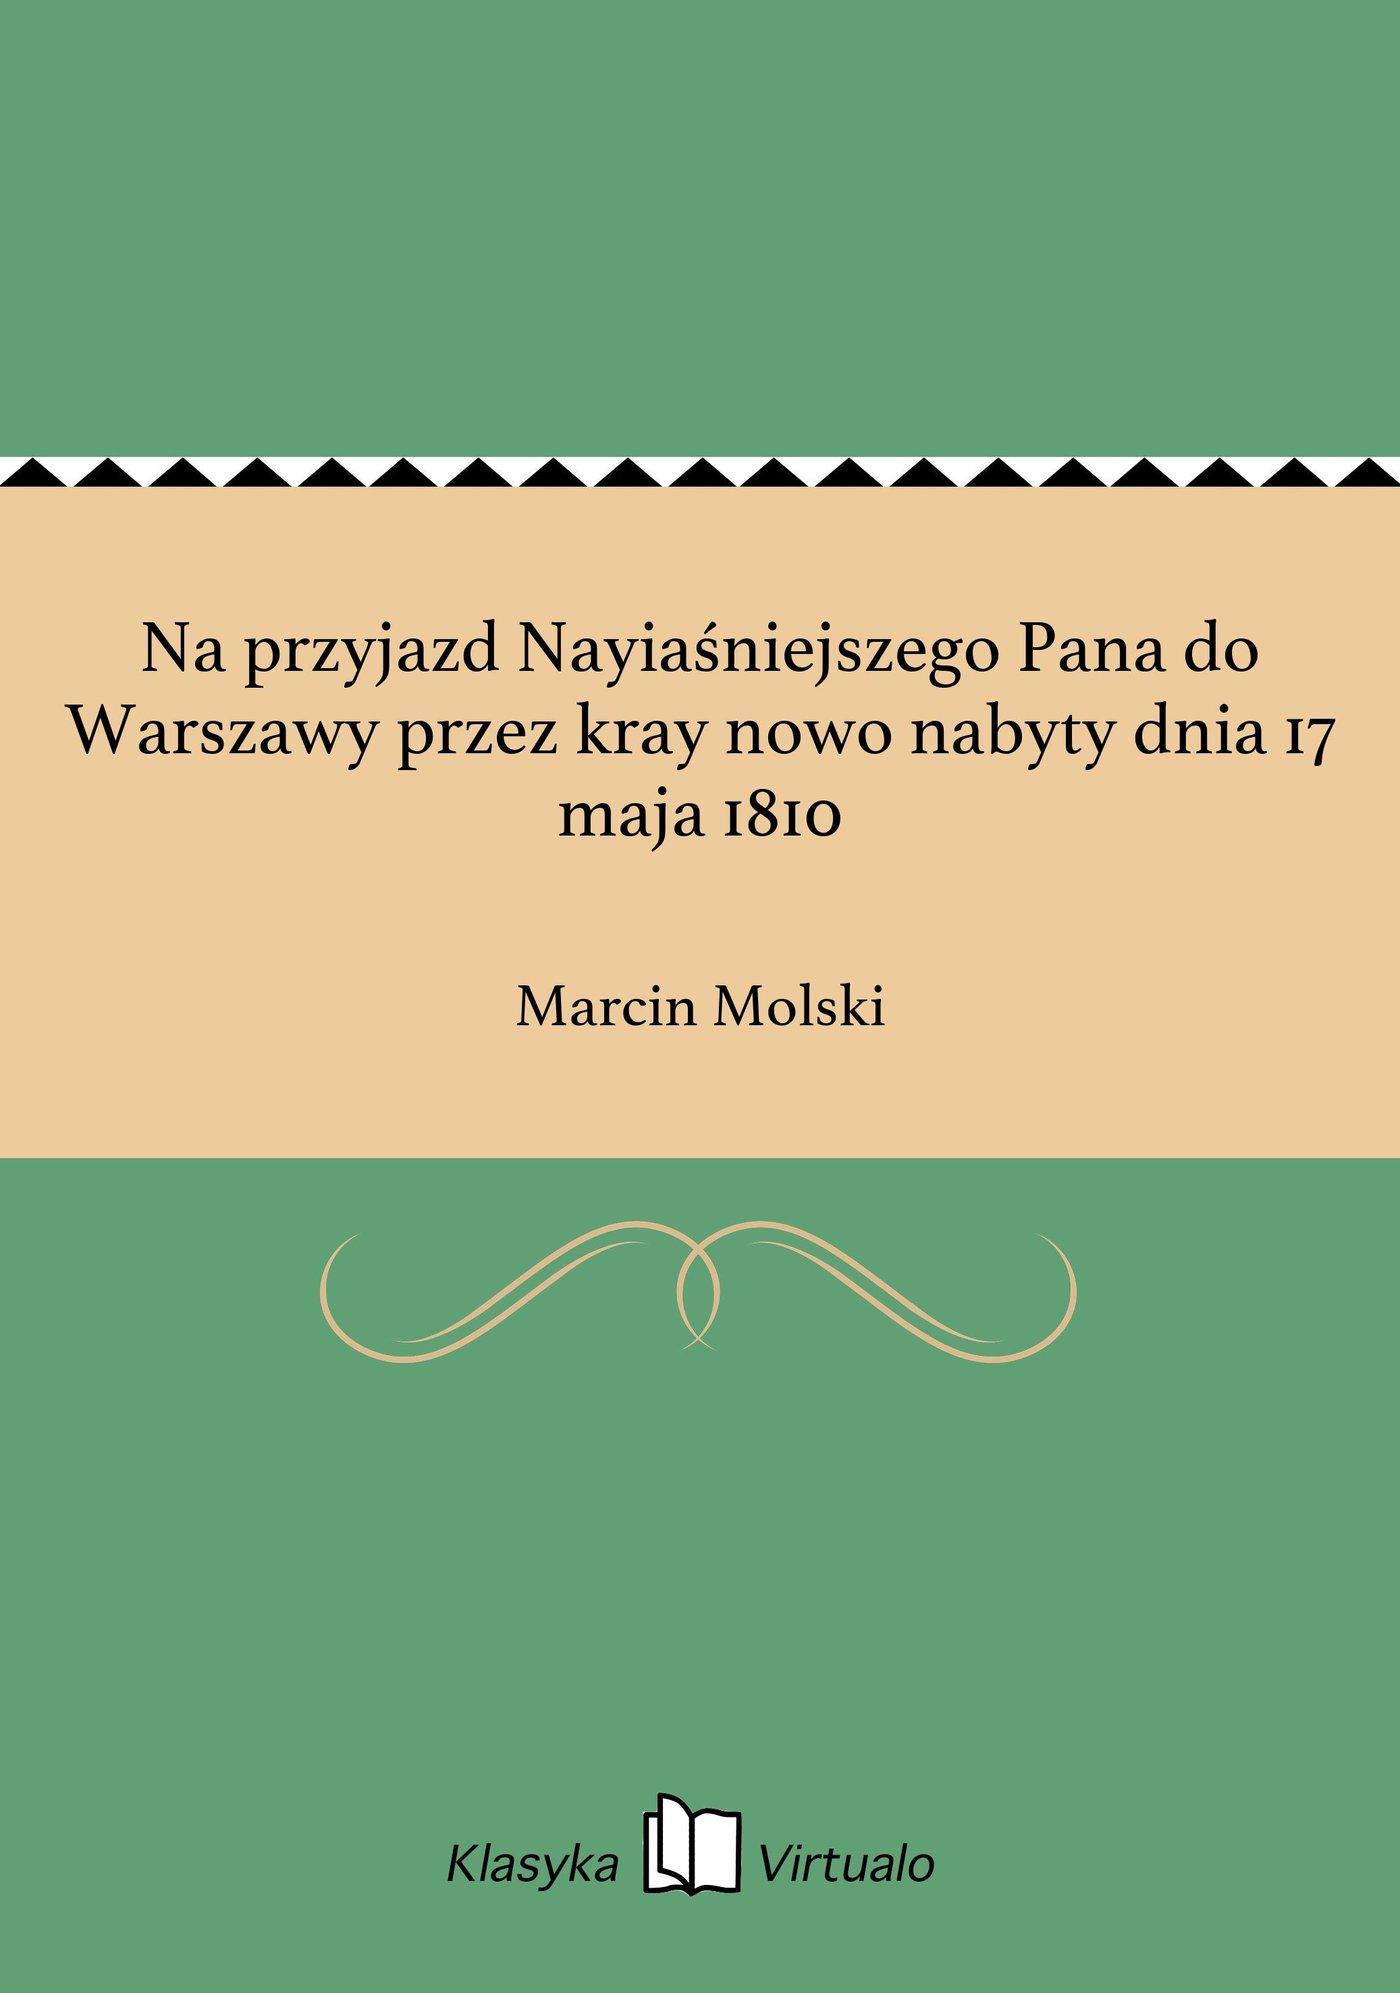 Na przyjazd Nayiaśniejszego Pana do Warszawy przez kray nowo nabyty dnia 17 maja 1810 - Ebook (Książka EPUB) do pobrania w formacie EPUB